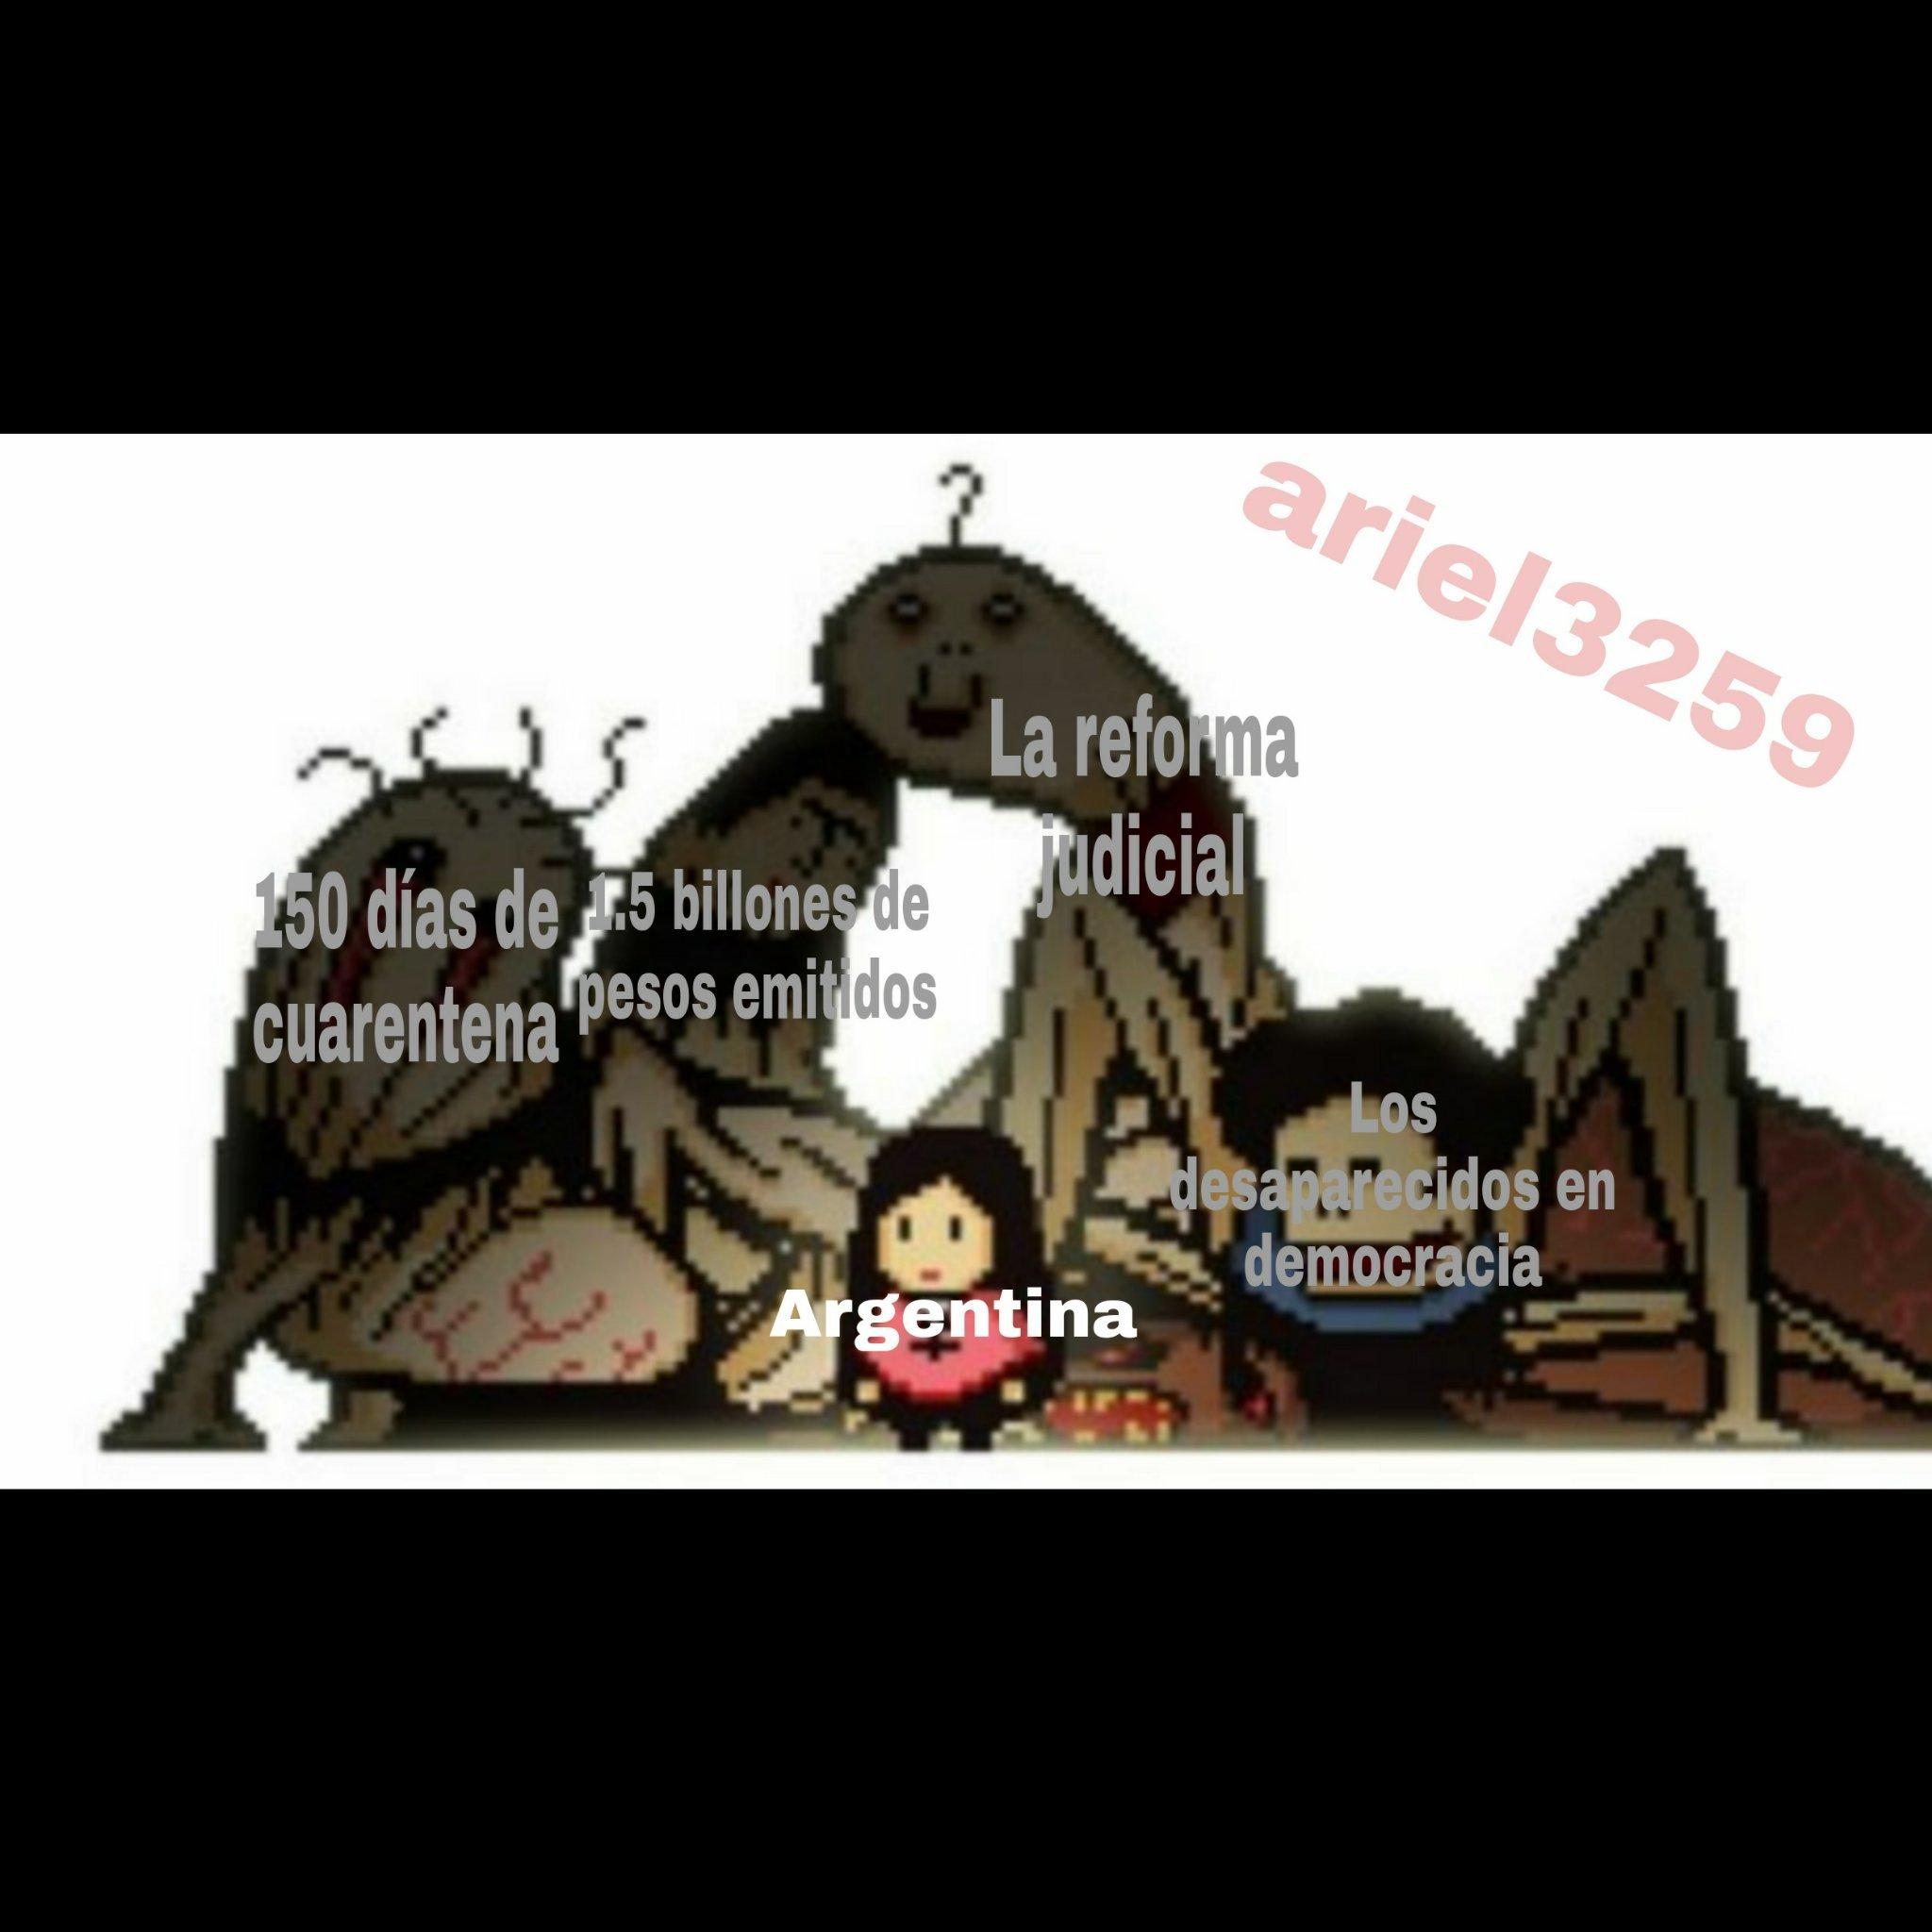 Mientras tanto en Peronistan - meme